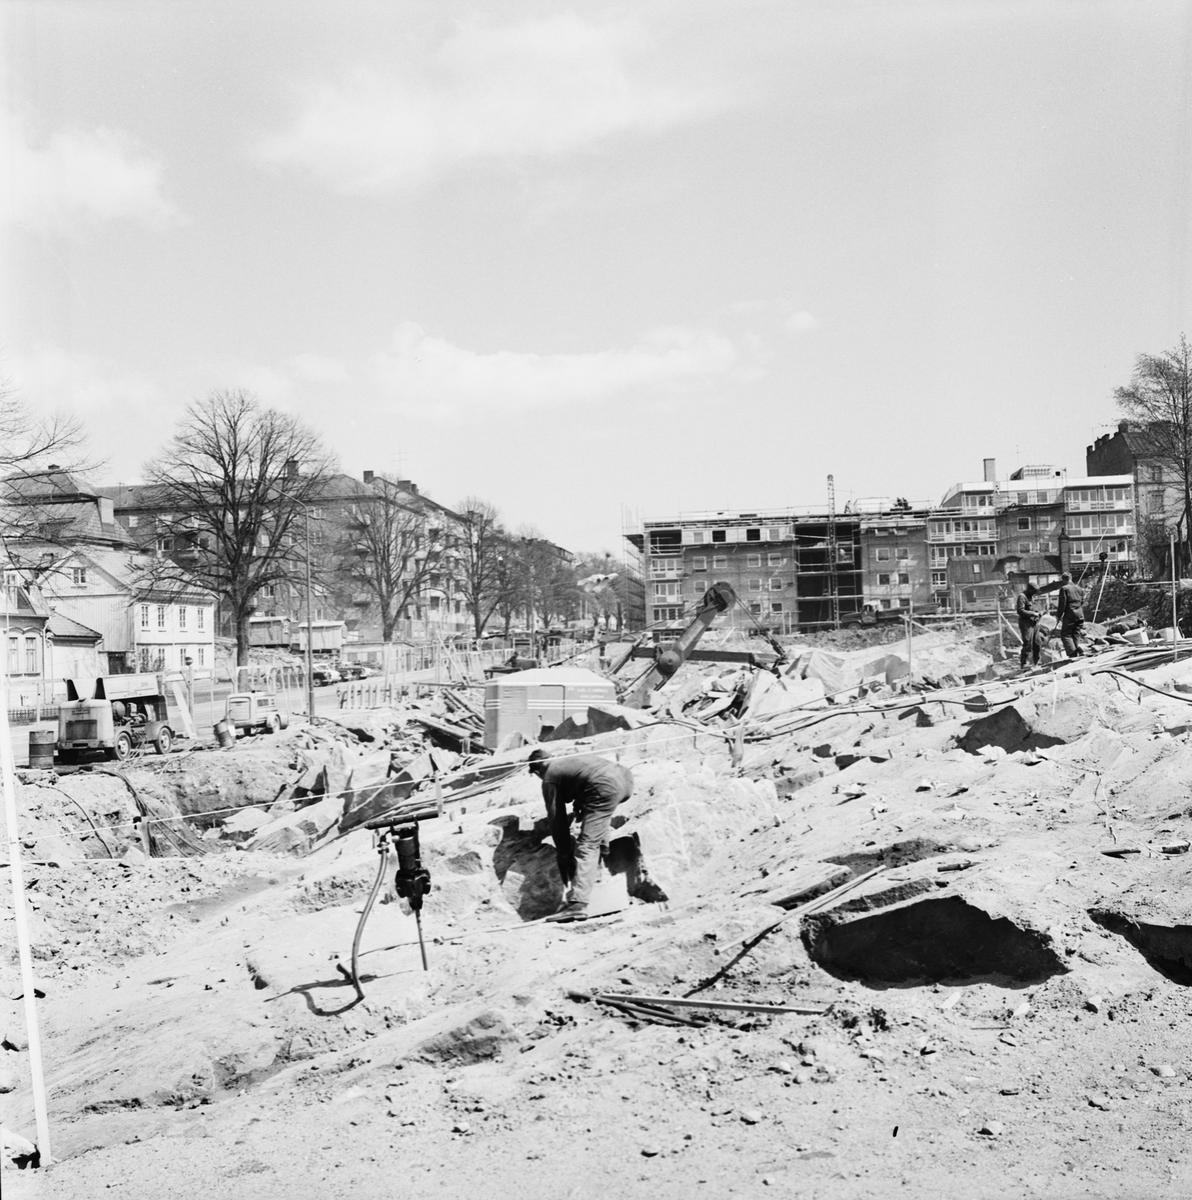 Övrigt: Foto datum: 18/5 1965 Byggnader och kranar Kvarteret Pollux